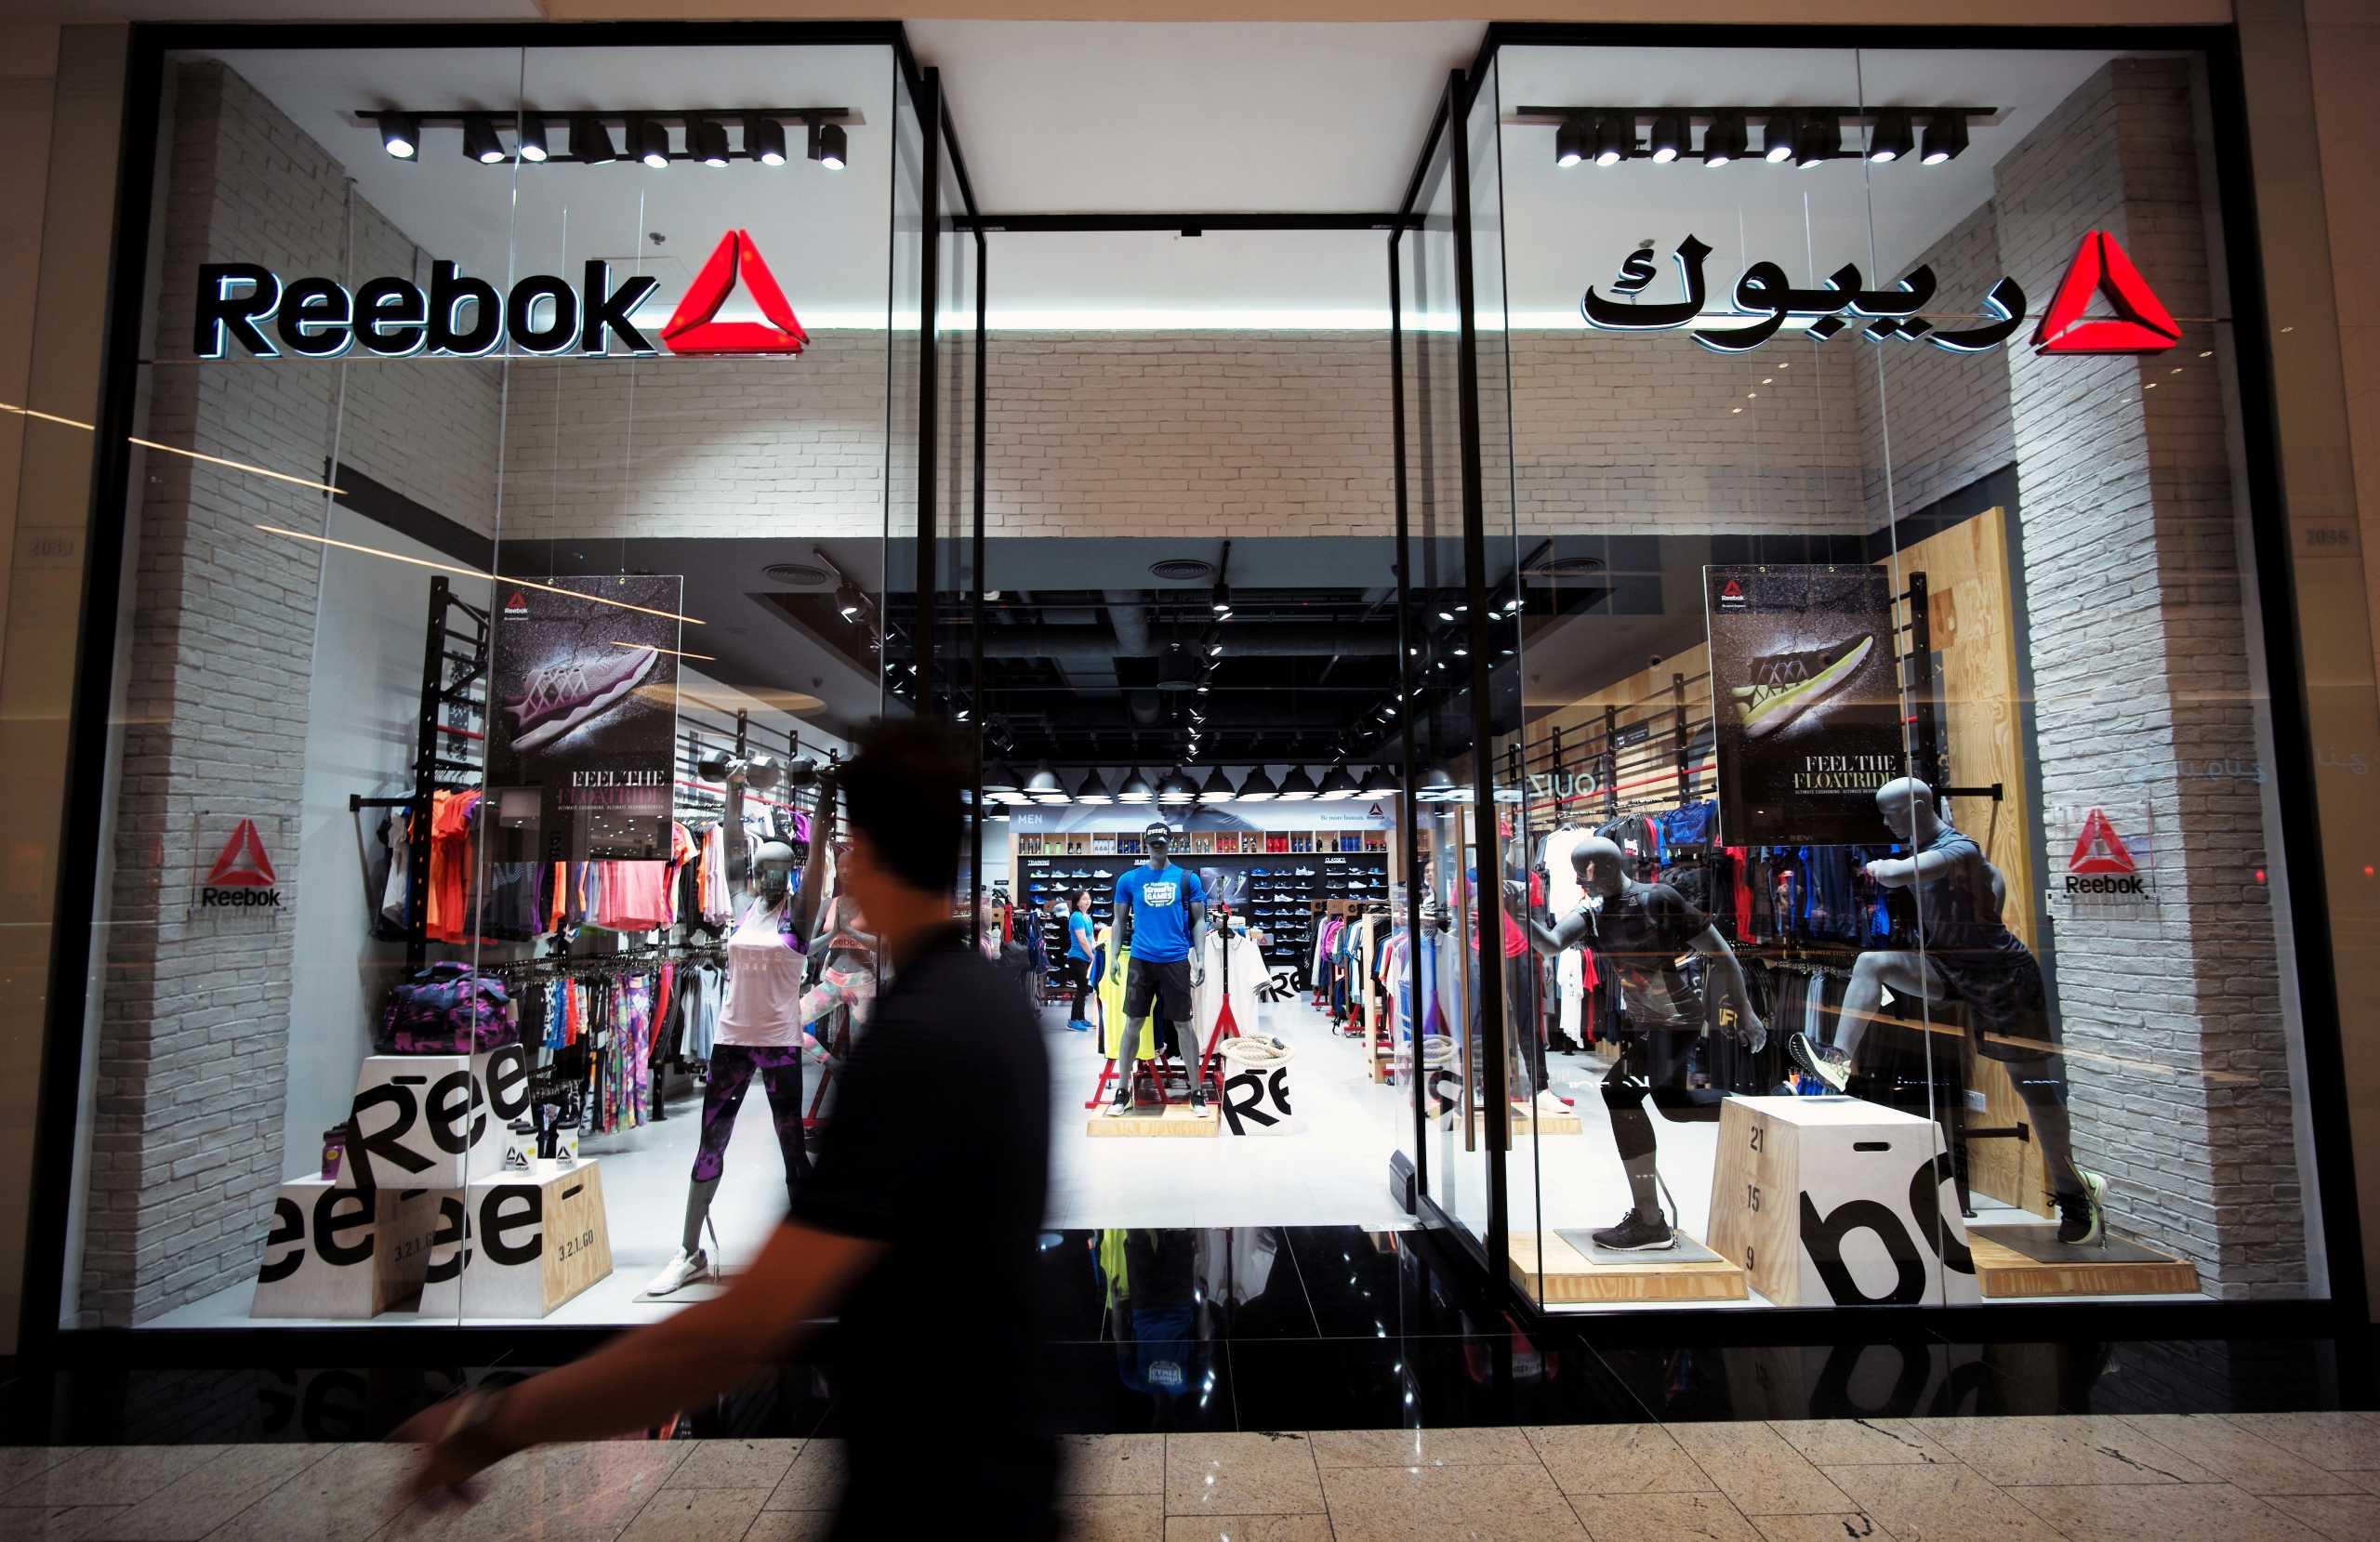 Η Adidas πουλά την Reebok: Ανακατατάξεις στην αθλητική βιομηχανία